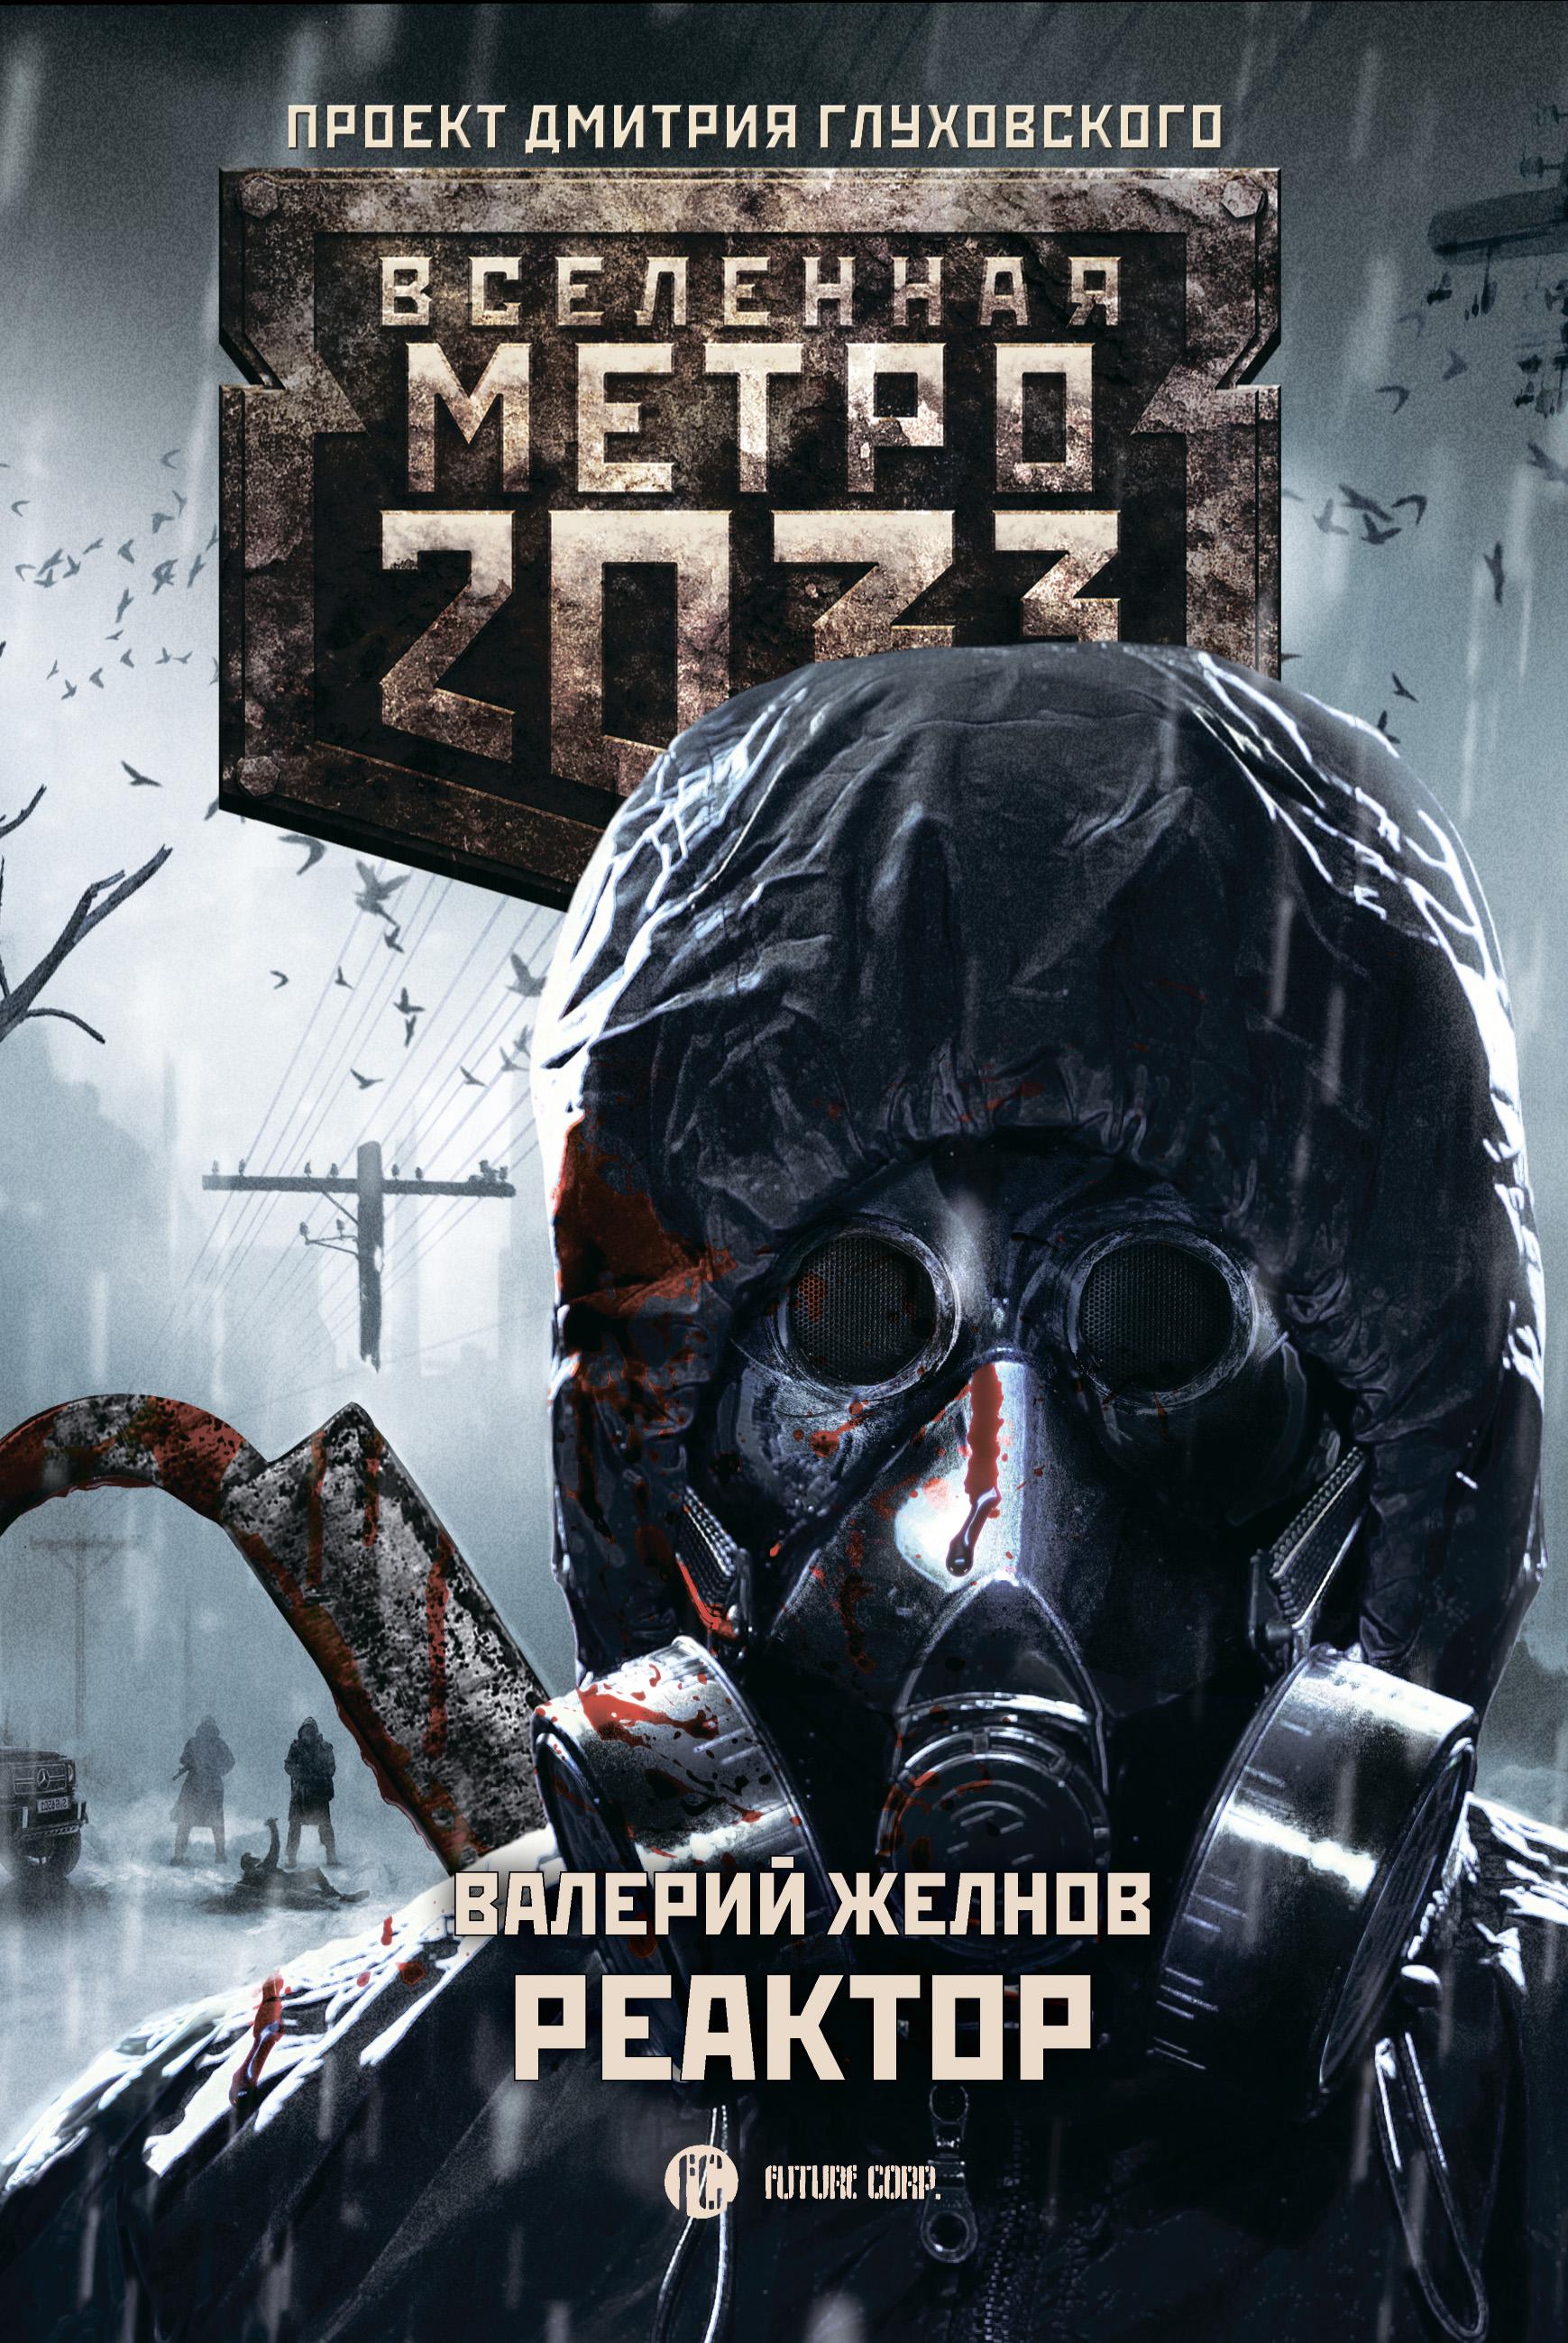 Купить книгу Метро 2033. Реактор, автора Валерия Желнова